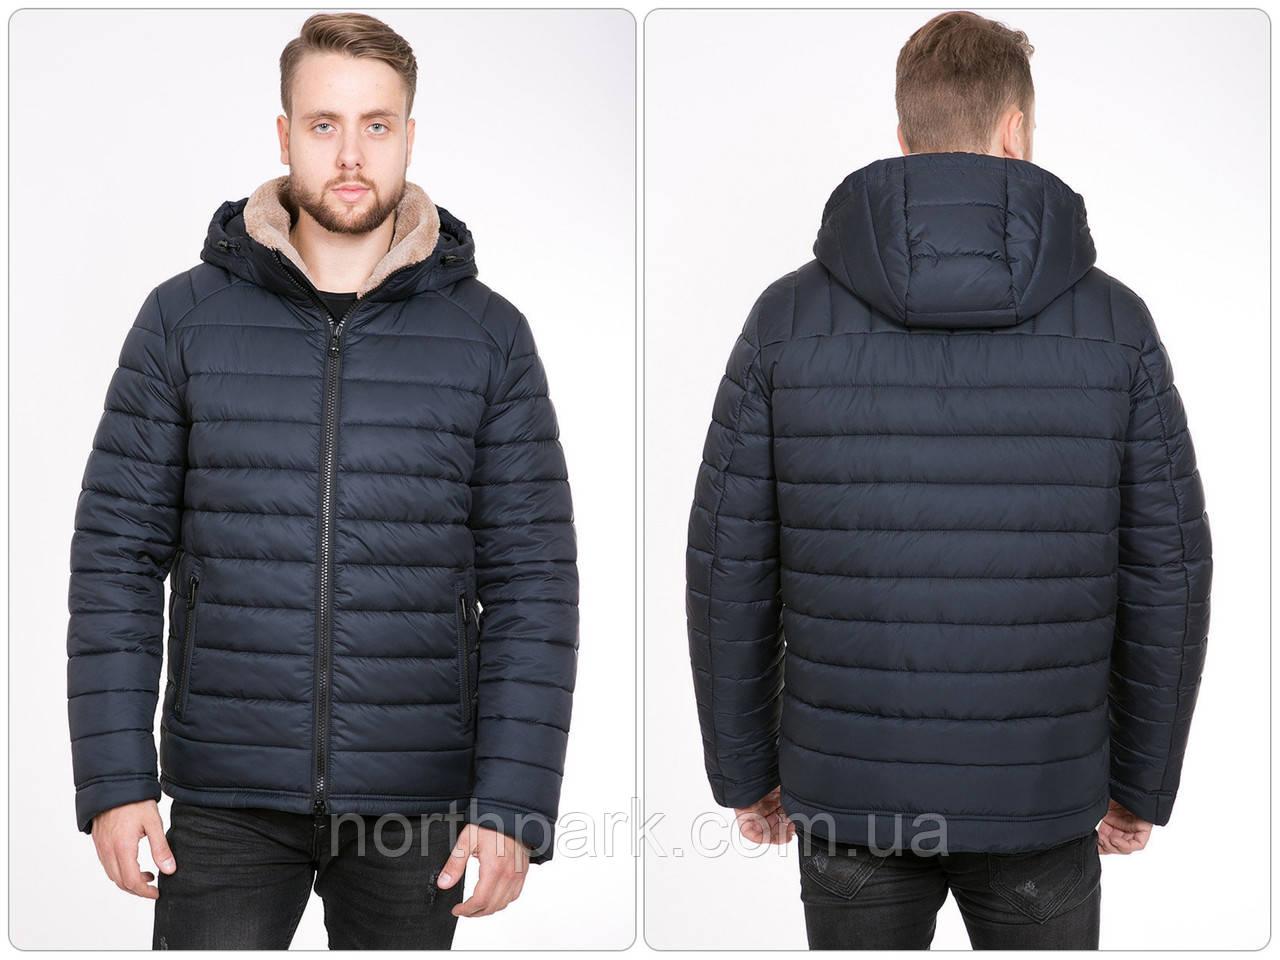 Класична чоловіча зимова куртка з хутряним коміром, темно-синя, розмір 48